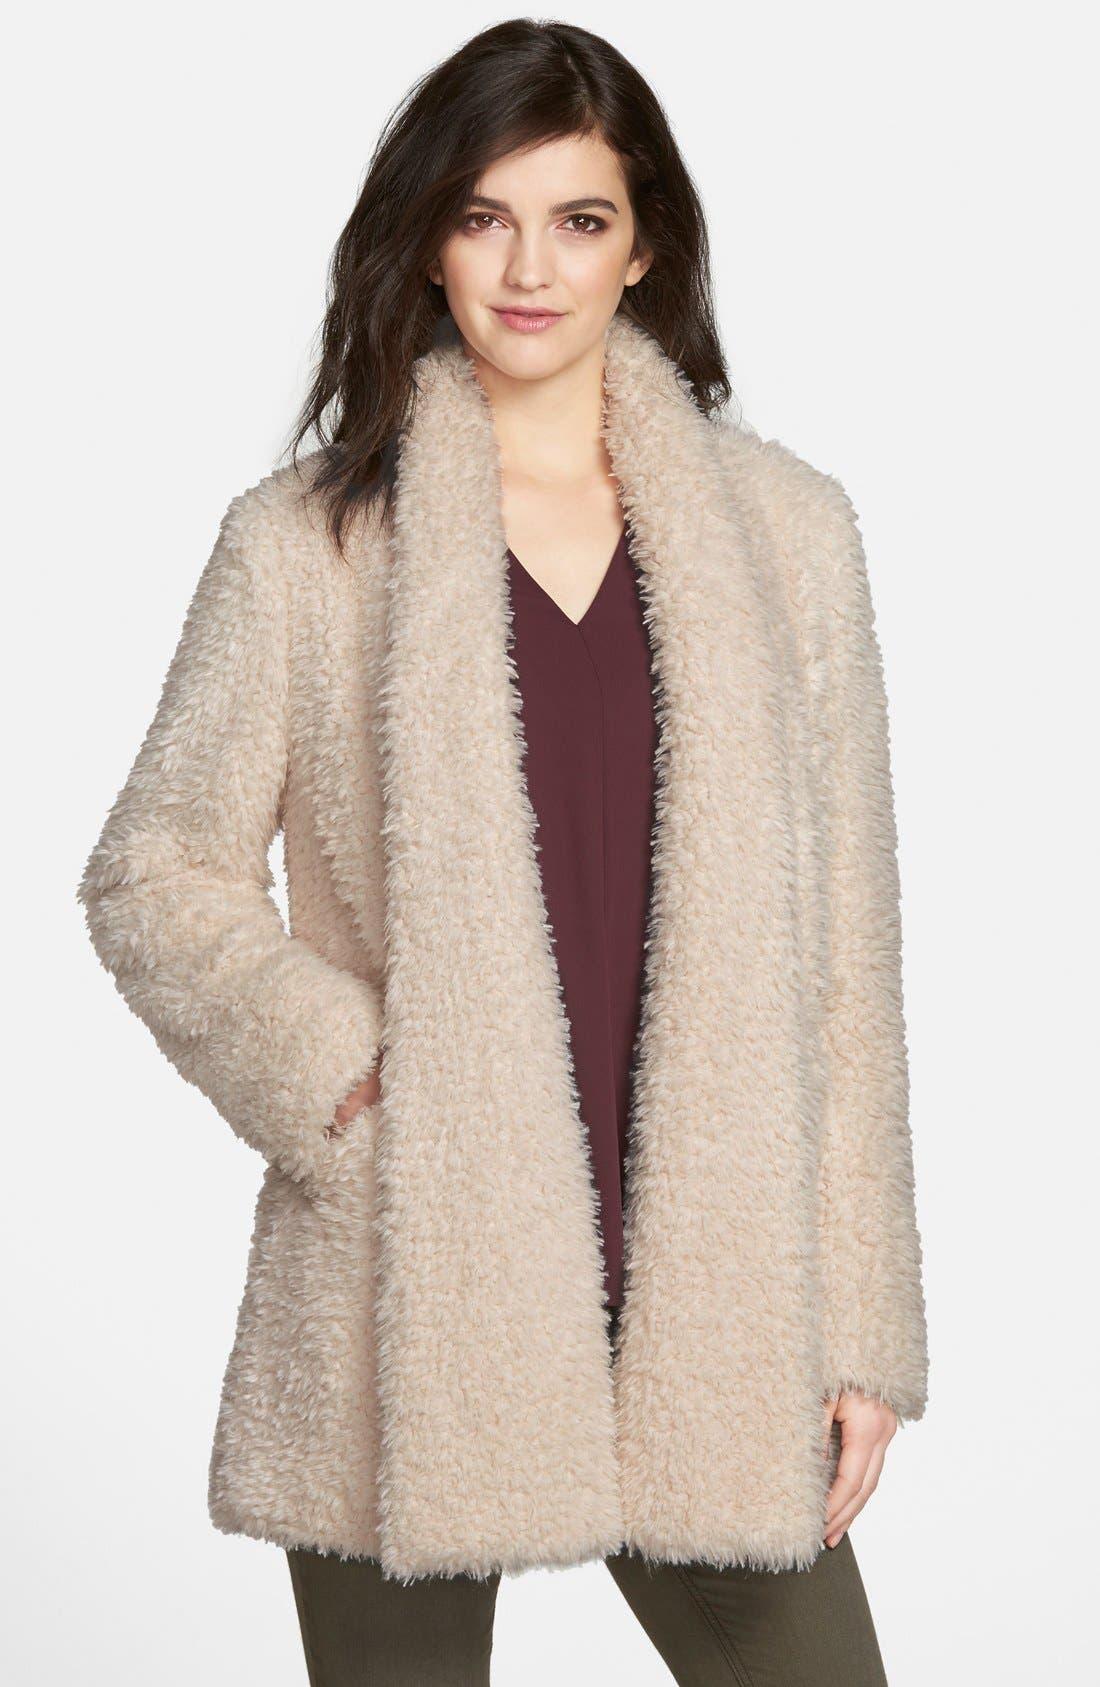 Main Image - Kenneth Cole New York 'Teddy Bear' Faux Fur Clutch Coat